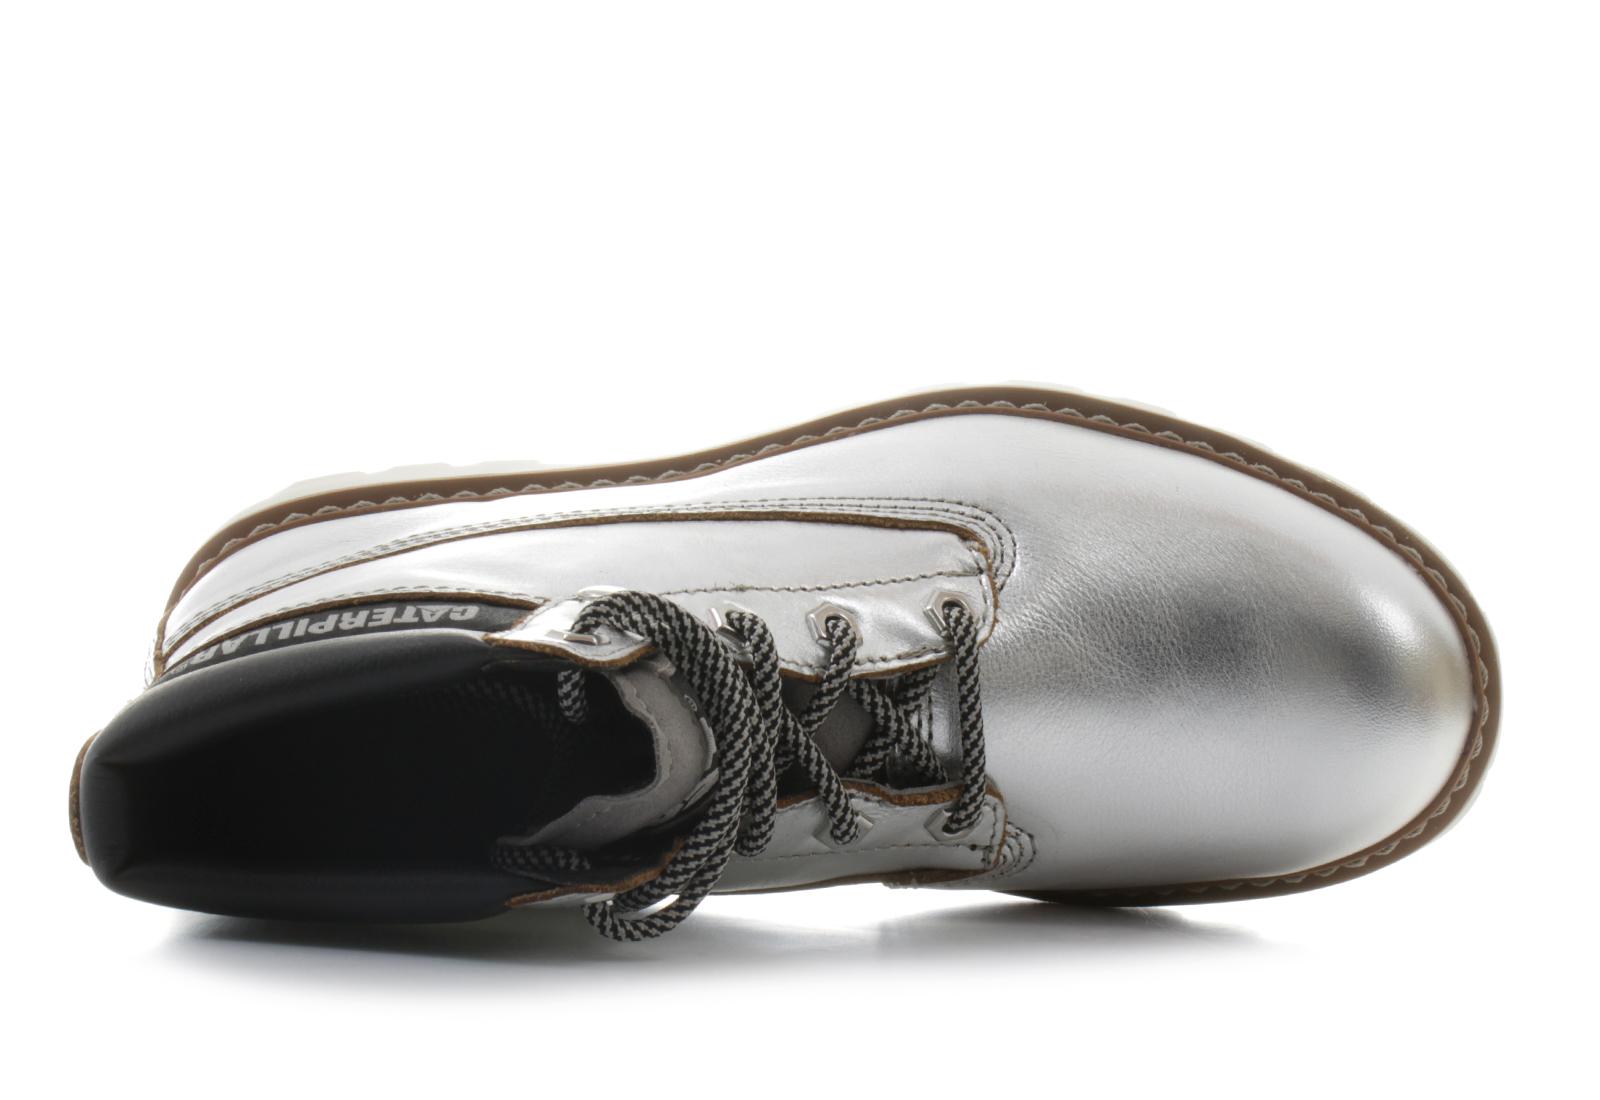 48cda2a11c Cat Bakancs - Lyric - 309681-slv - Office Shoes Magyarország